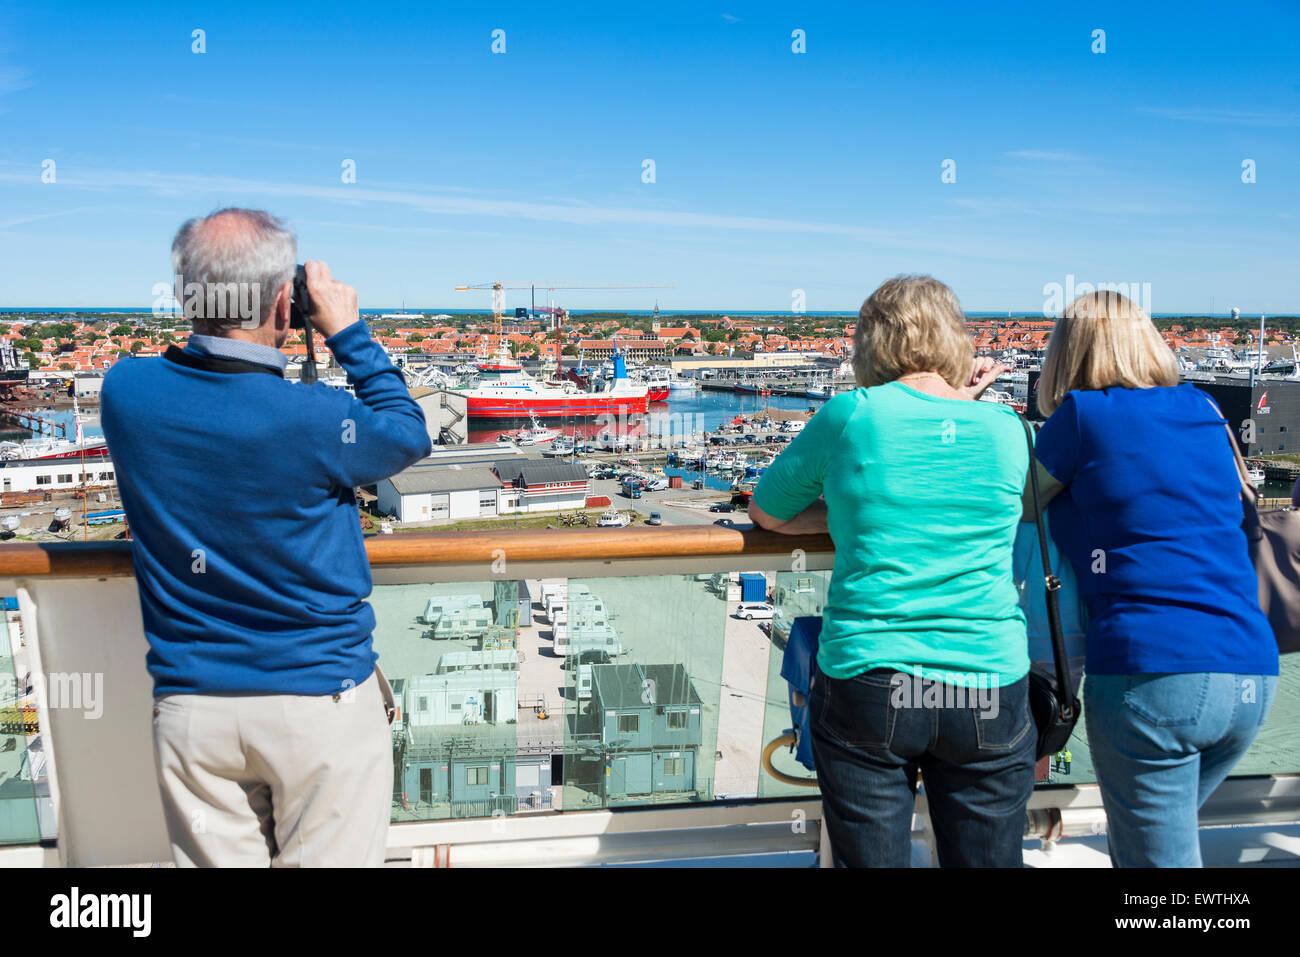 """Los pasajeros de la plataforma de visualización de Royal Caribbean """"Brillo de los mares' crucero, Imagen De Stock"""